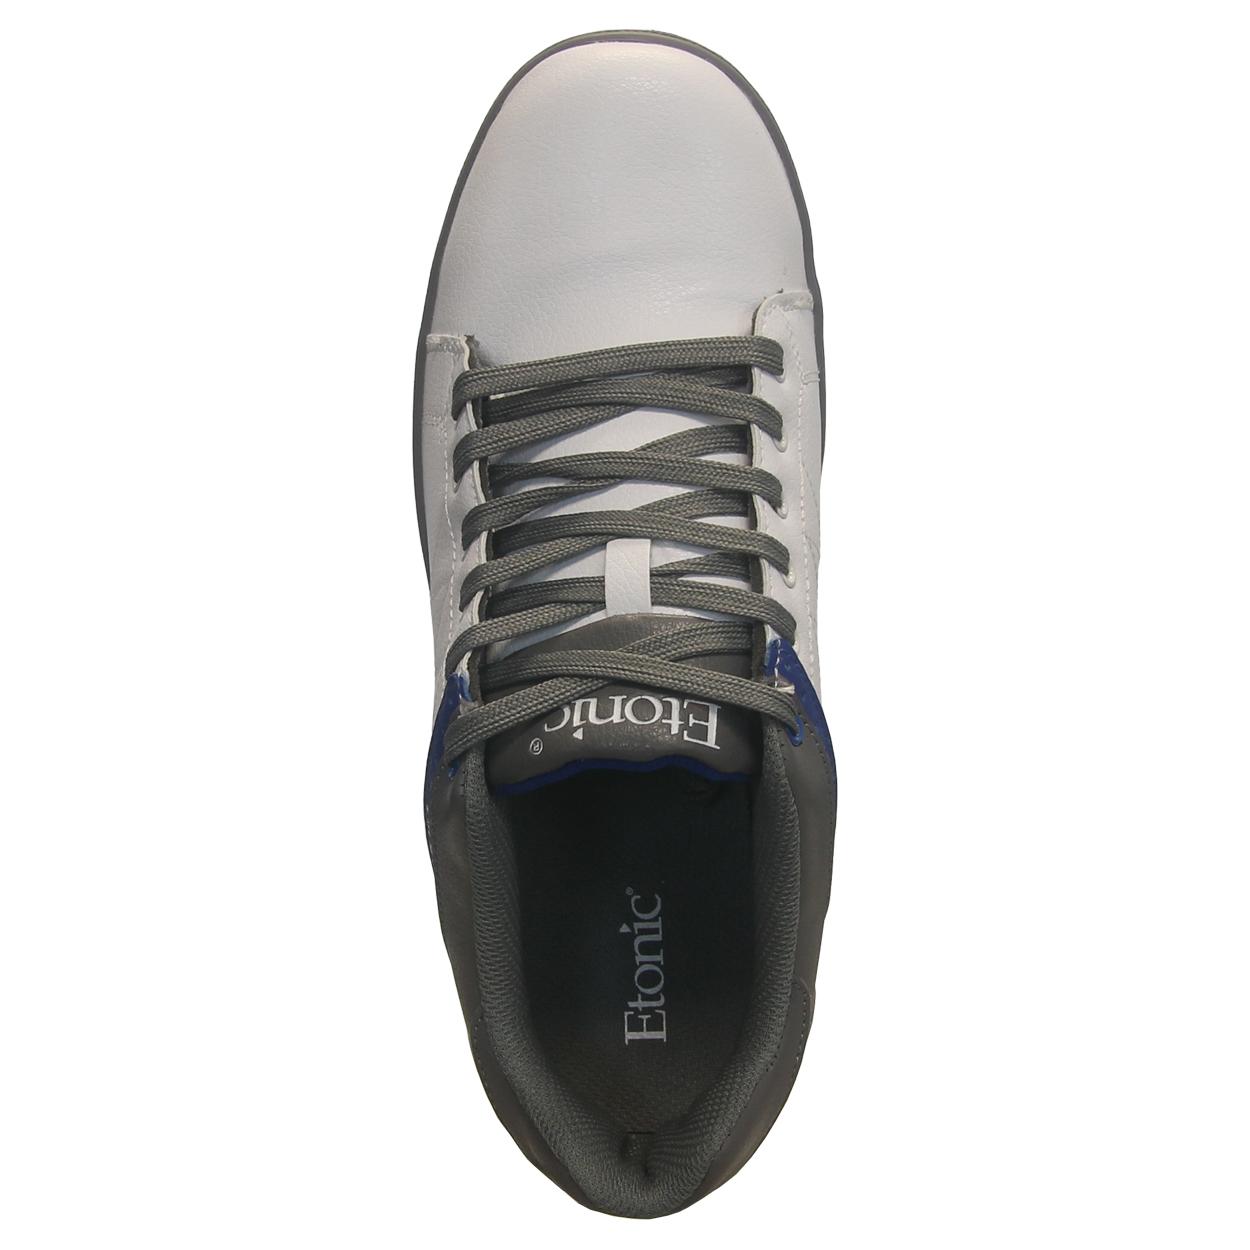 Etonic-Men-039-s-SP-Lite-Spikeless-Golf-Shoe-Brand-New thumbnail 11